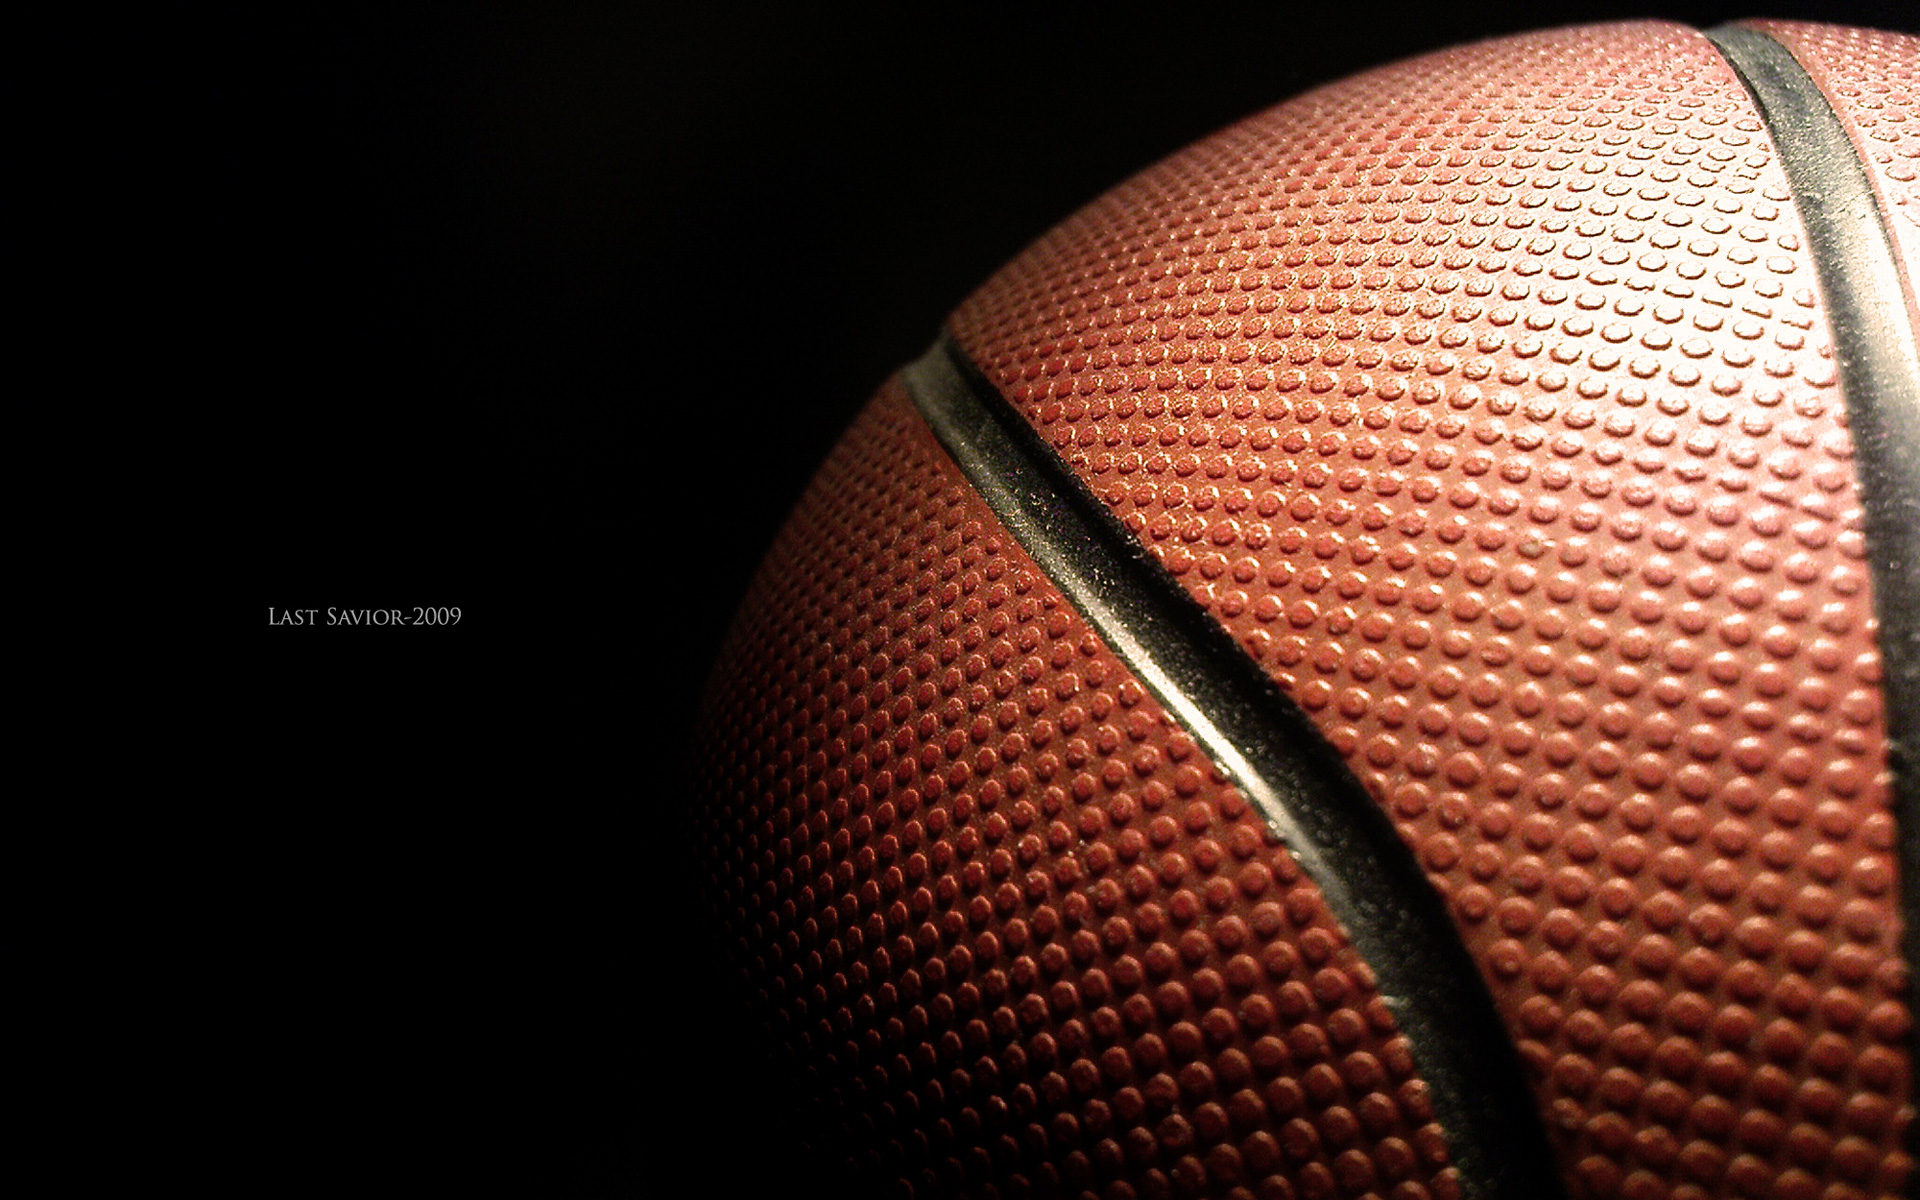 Баскетбольный мяч, Basketball, обои, фото